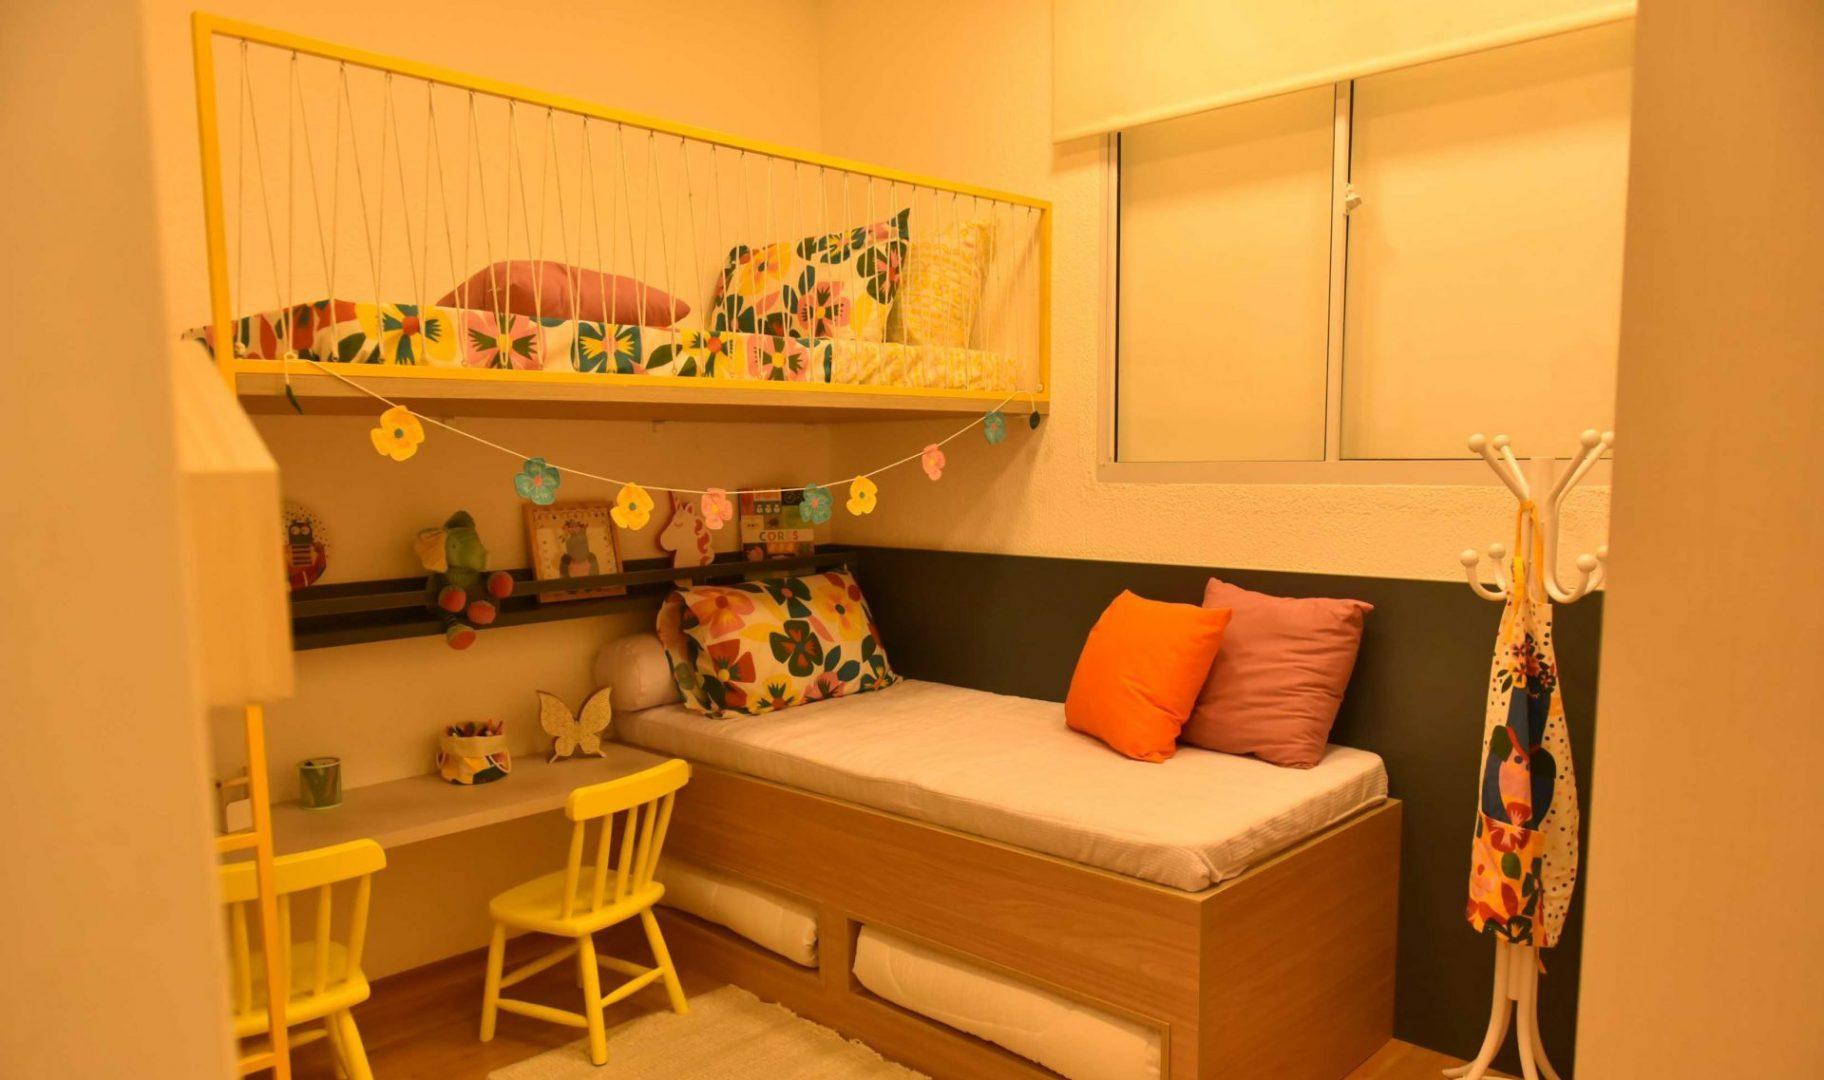 Como mobiliar e decorar um quarto de criança gastando pouco